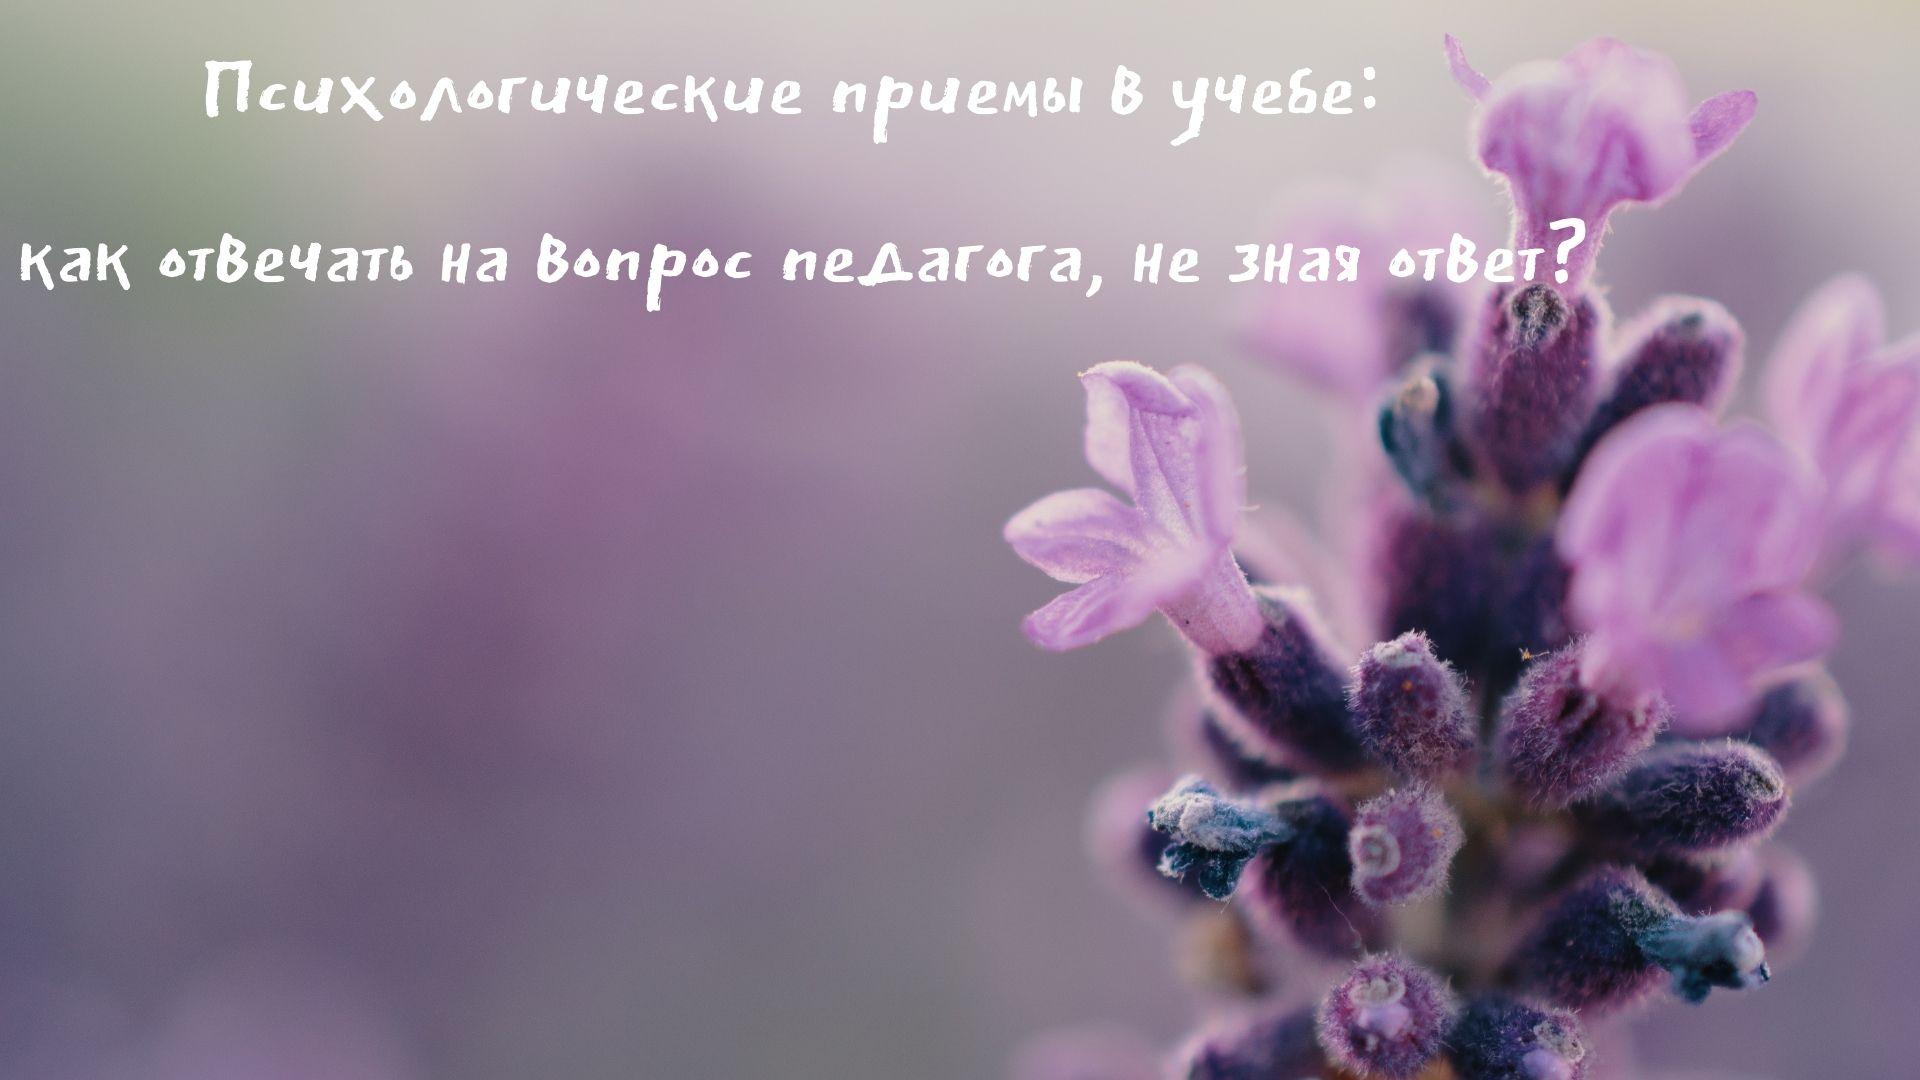 Kak izbavitsya ot yazykovogo barera 1 - Не будет занятий как ответить